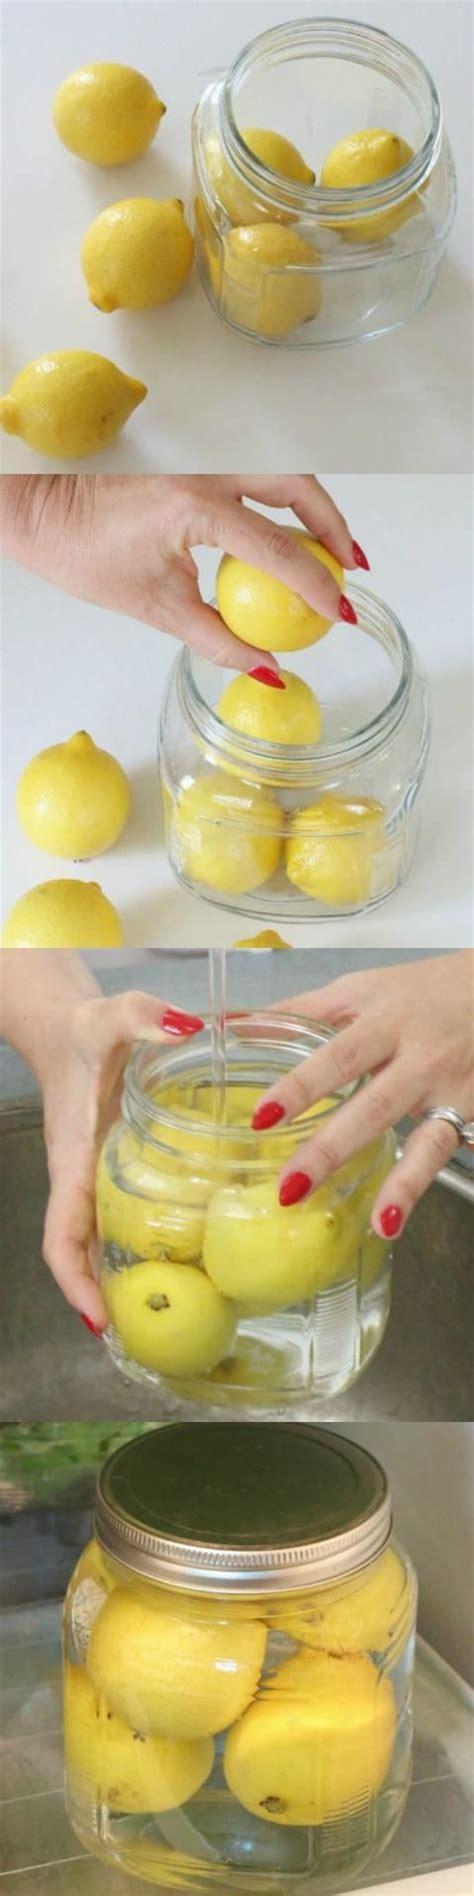 zitronen richtig lagern zitronen richtig lagern lemons praktisch k 252 chentipps kochtipps und essen tipps